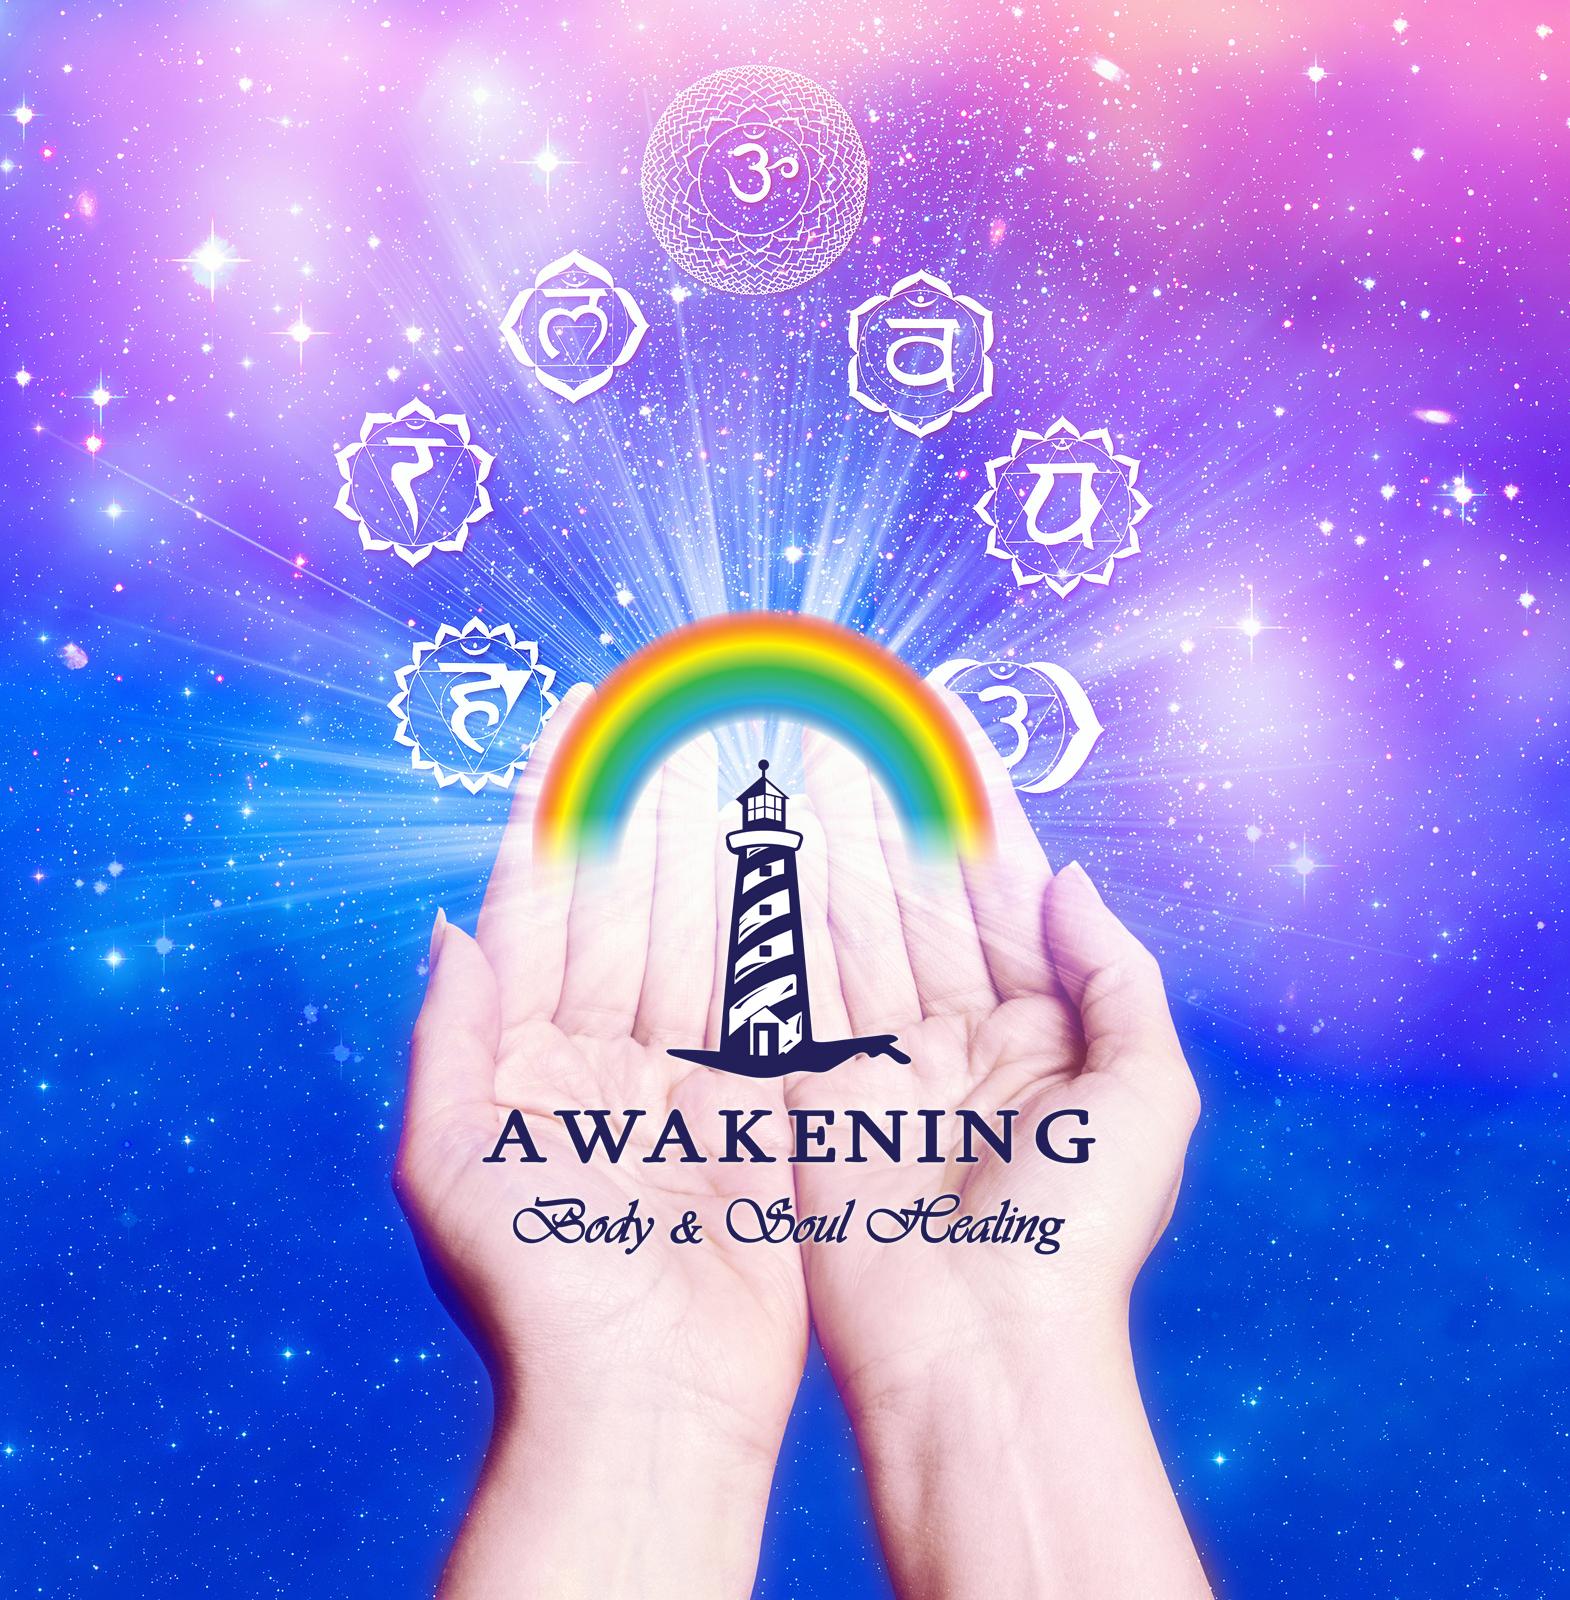 Awakening-reiki